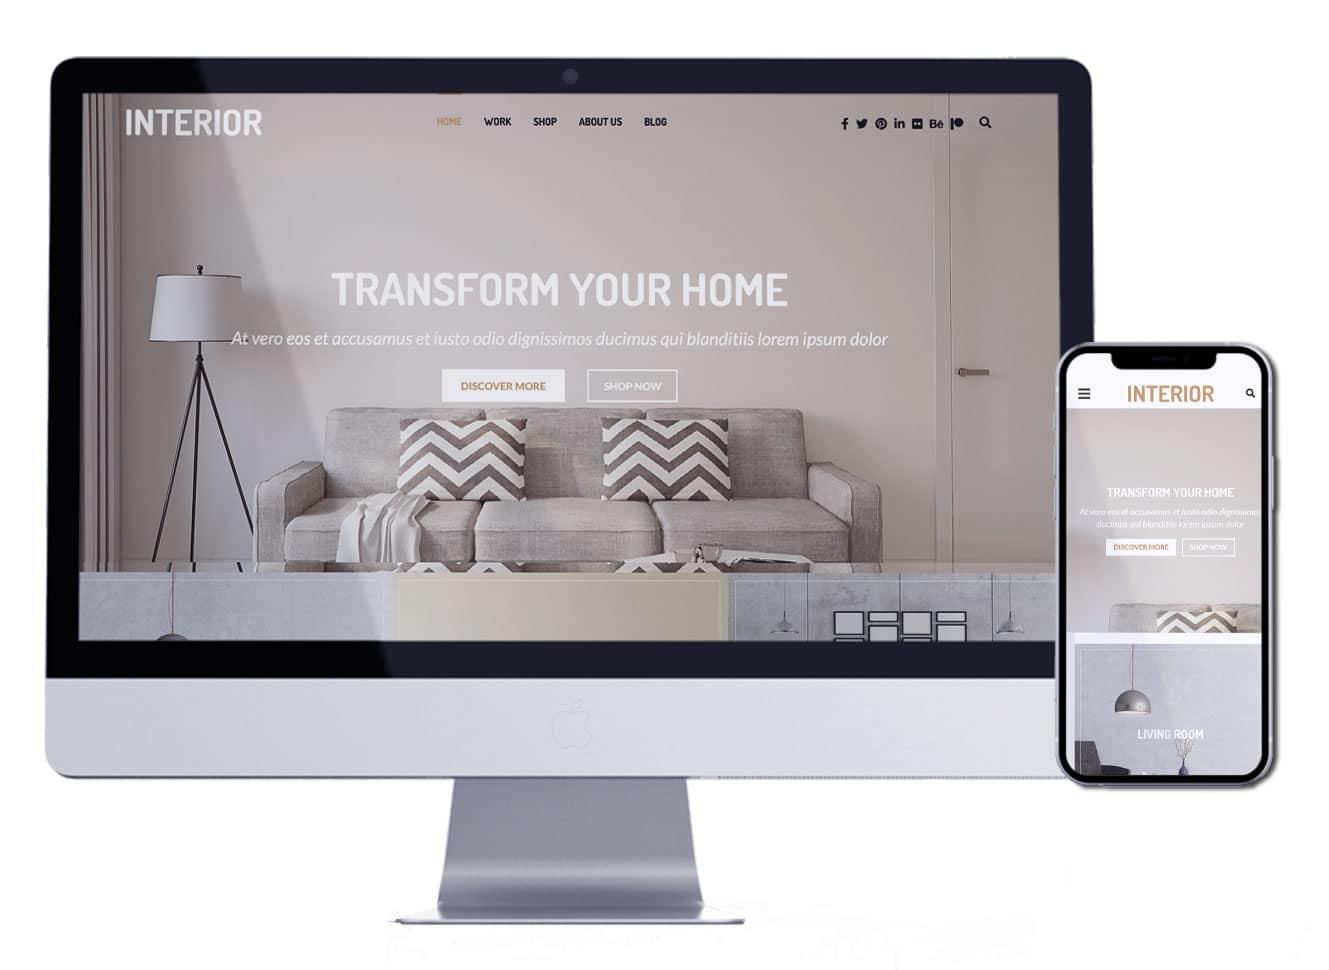 تصميم موقع الكتروني لمصممي الديكور